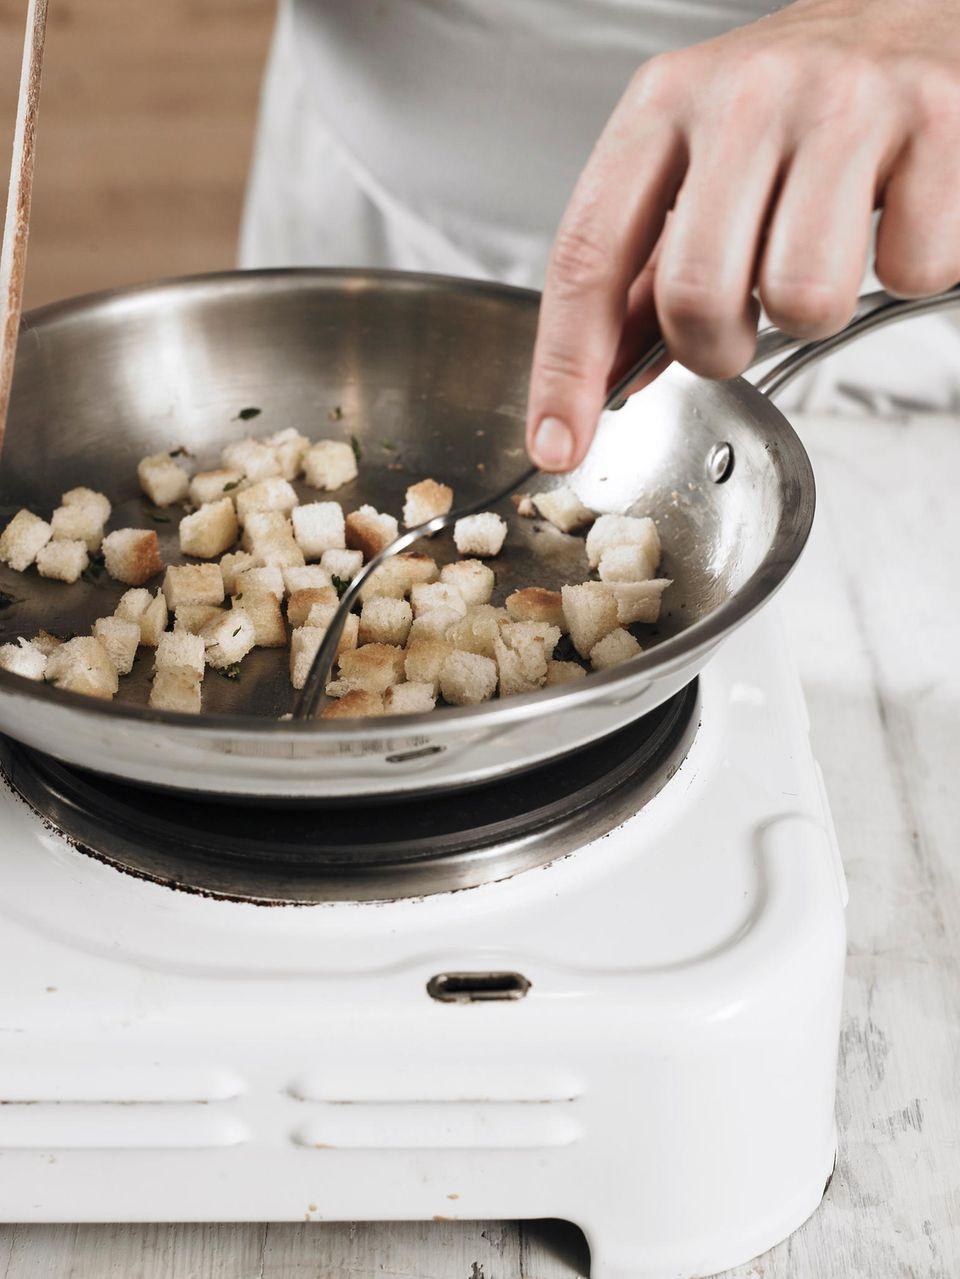 Crôutons für Tomatensuppe selber machen